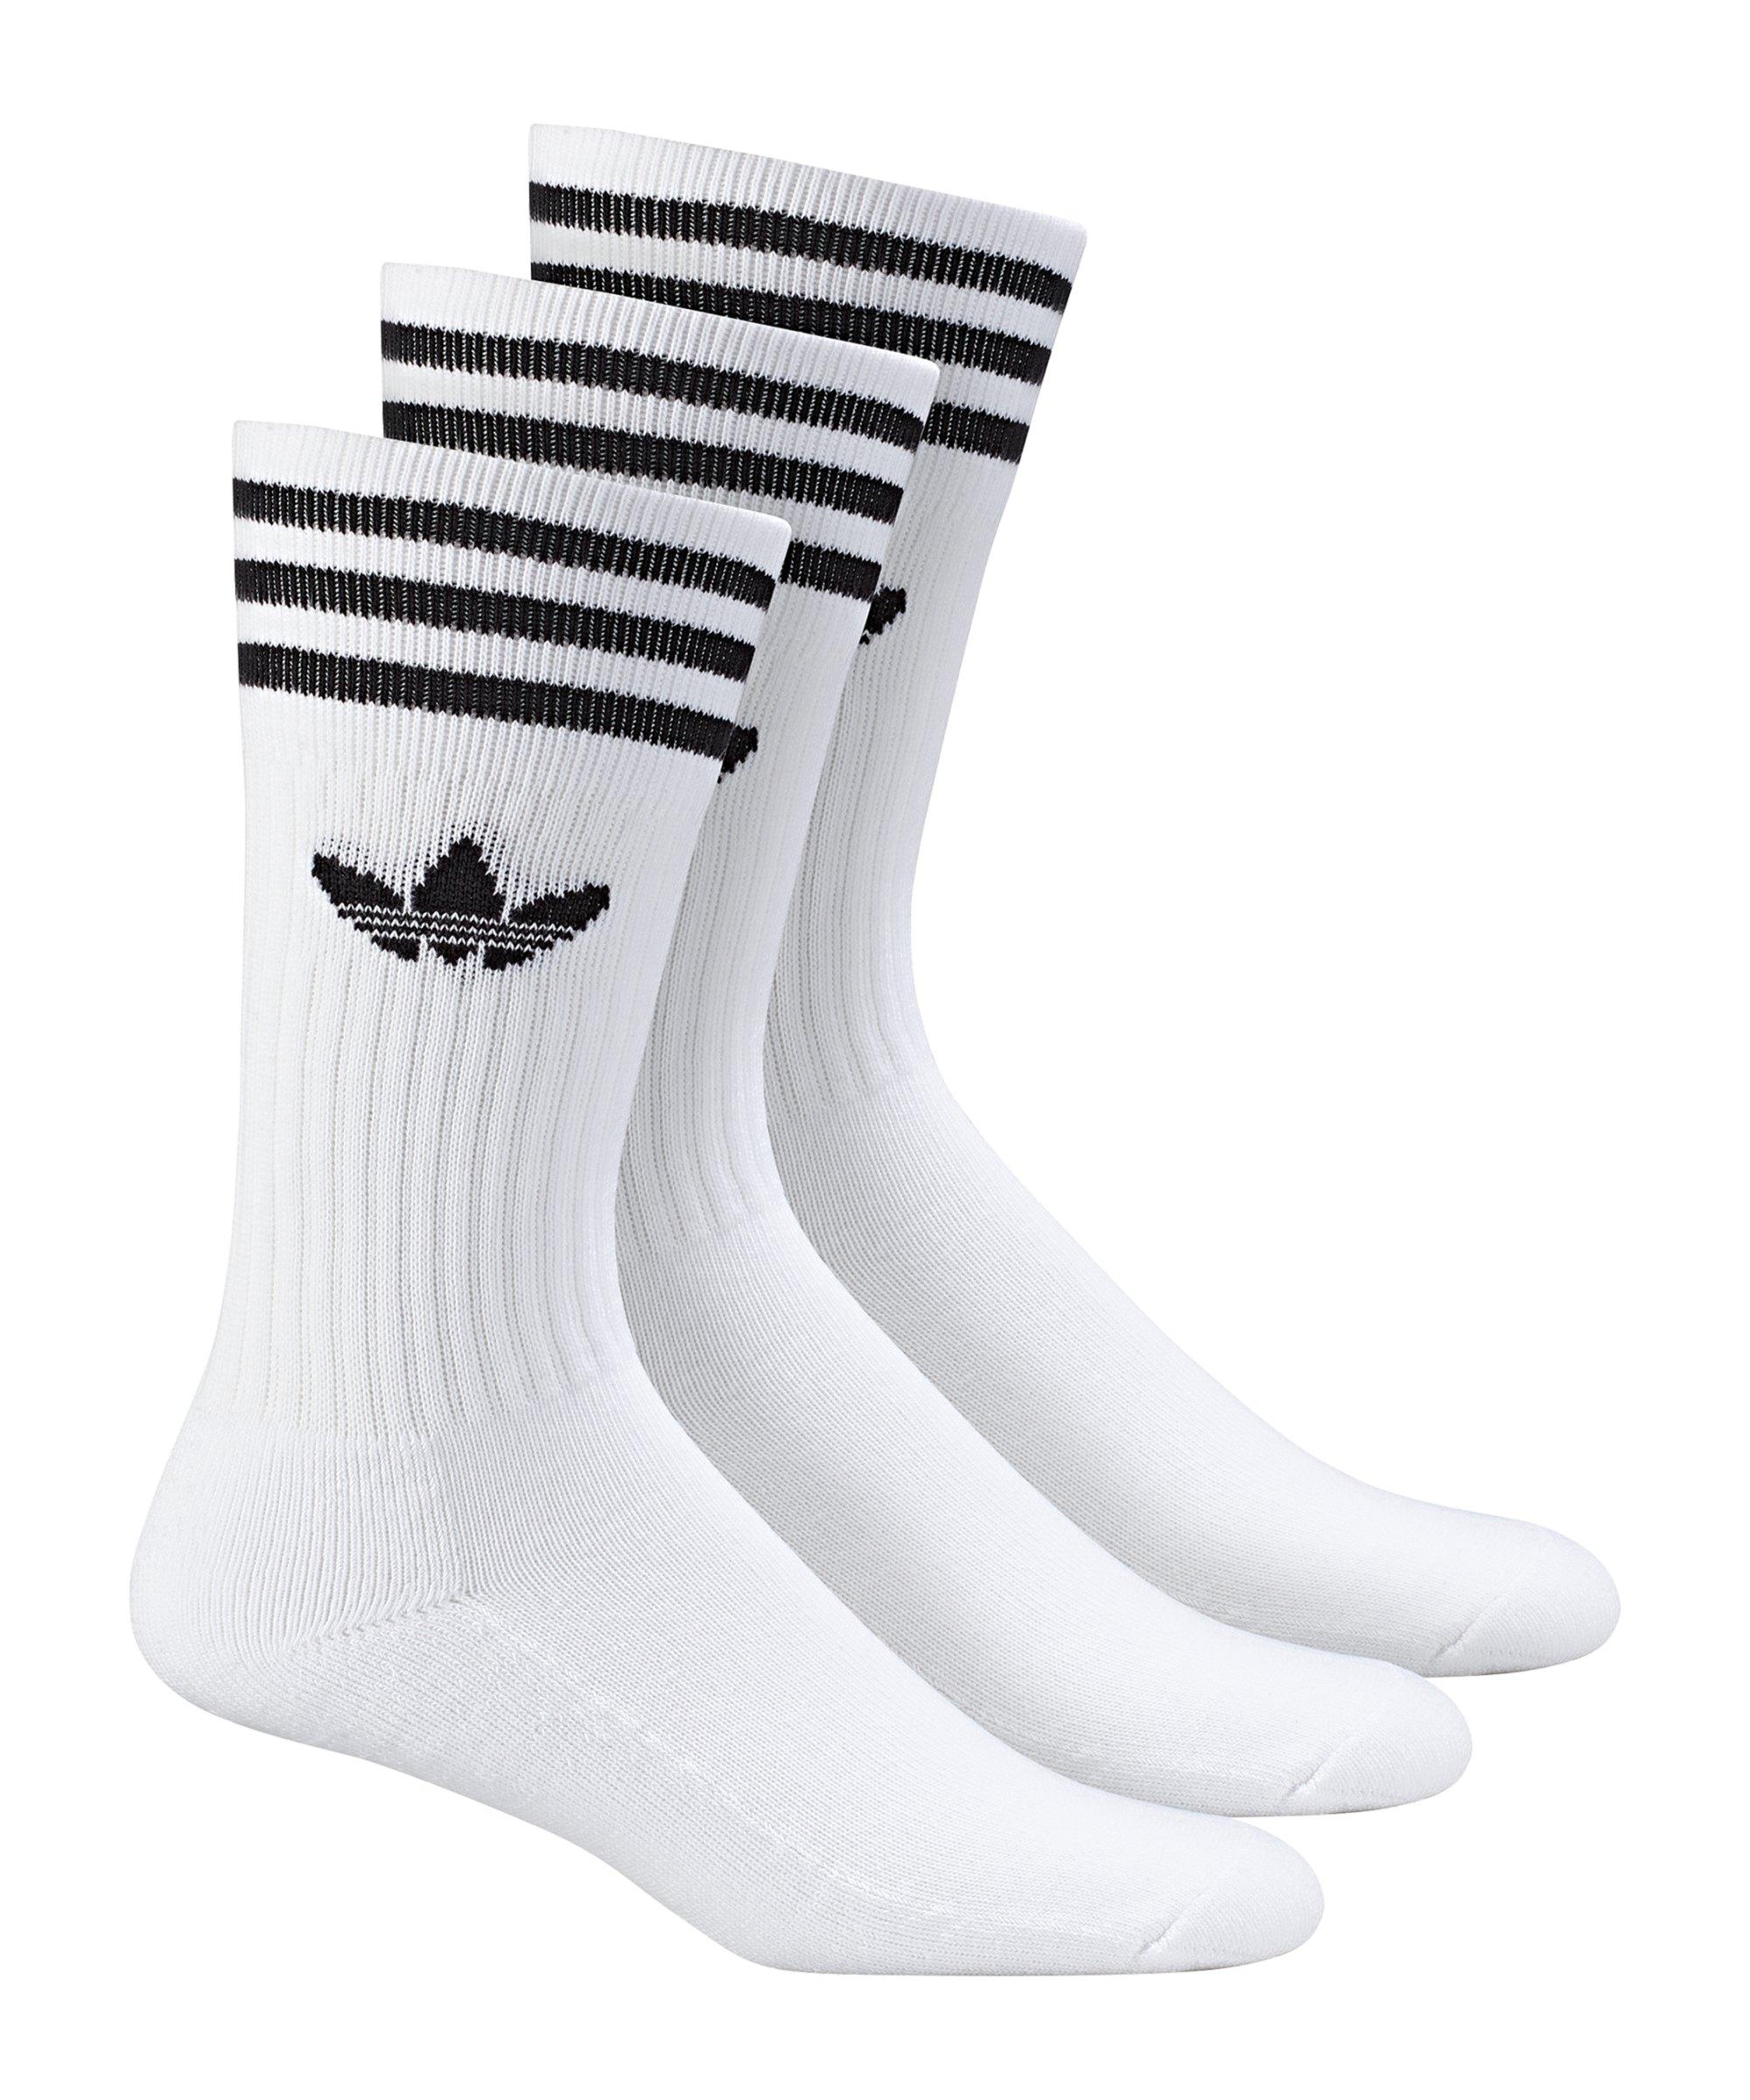 adidas Socken Solid Crew 3er Pack Weiss - weiss